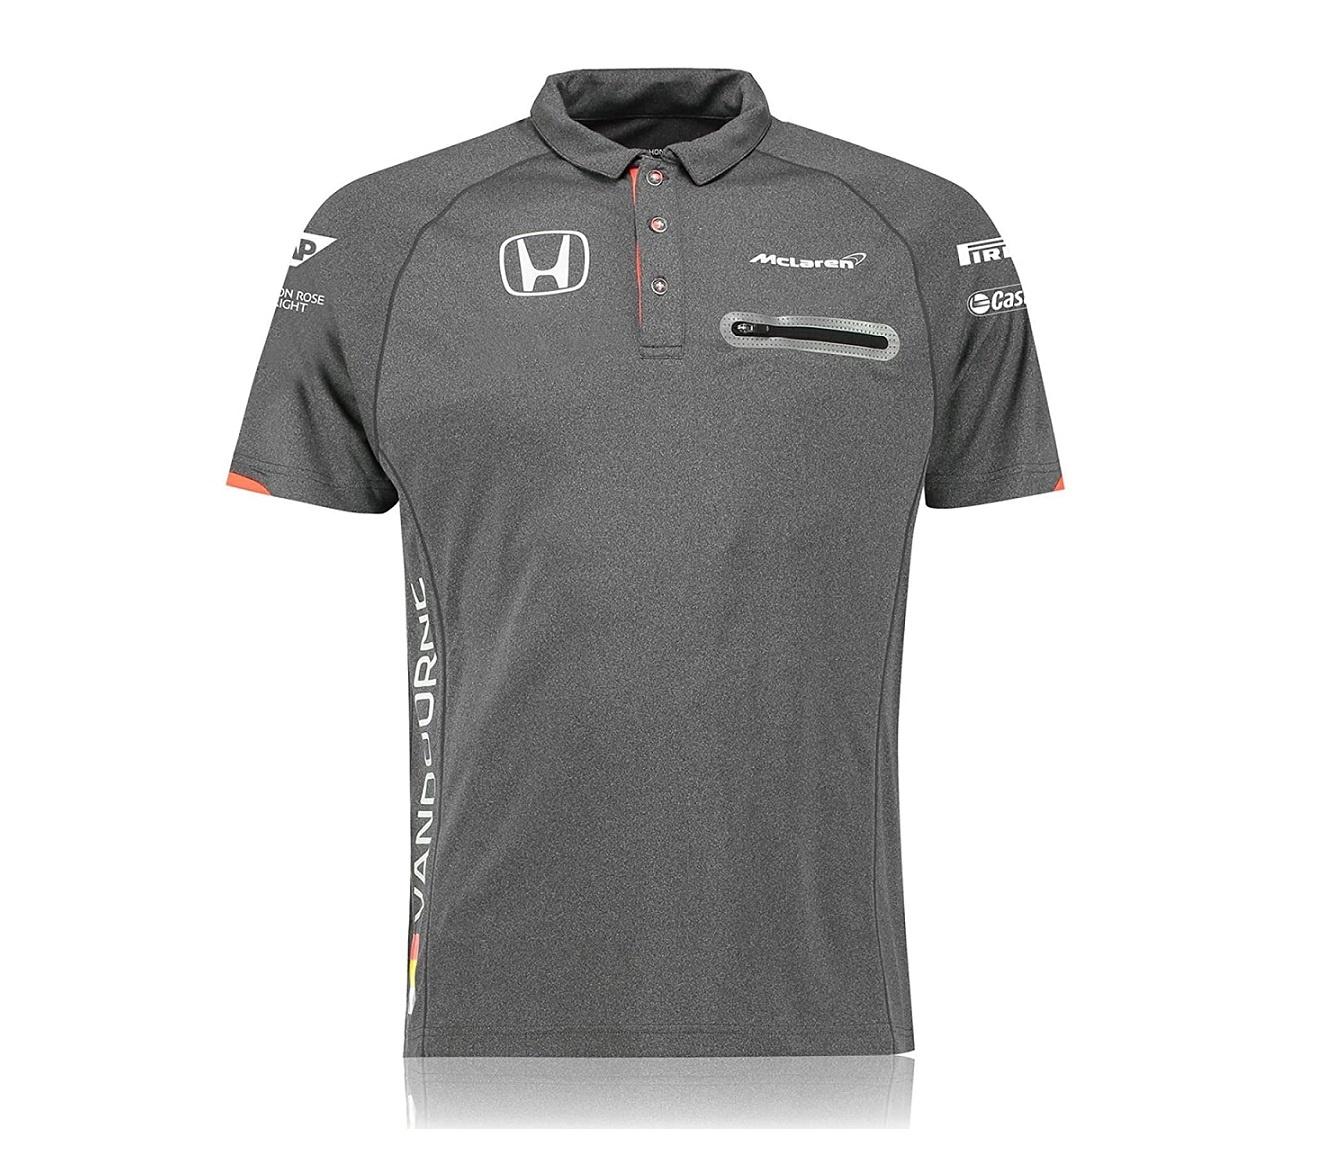 McLaren Polo Official Stoffel Vandoorne Grey